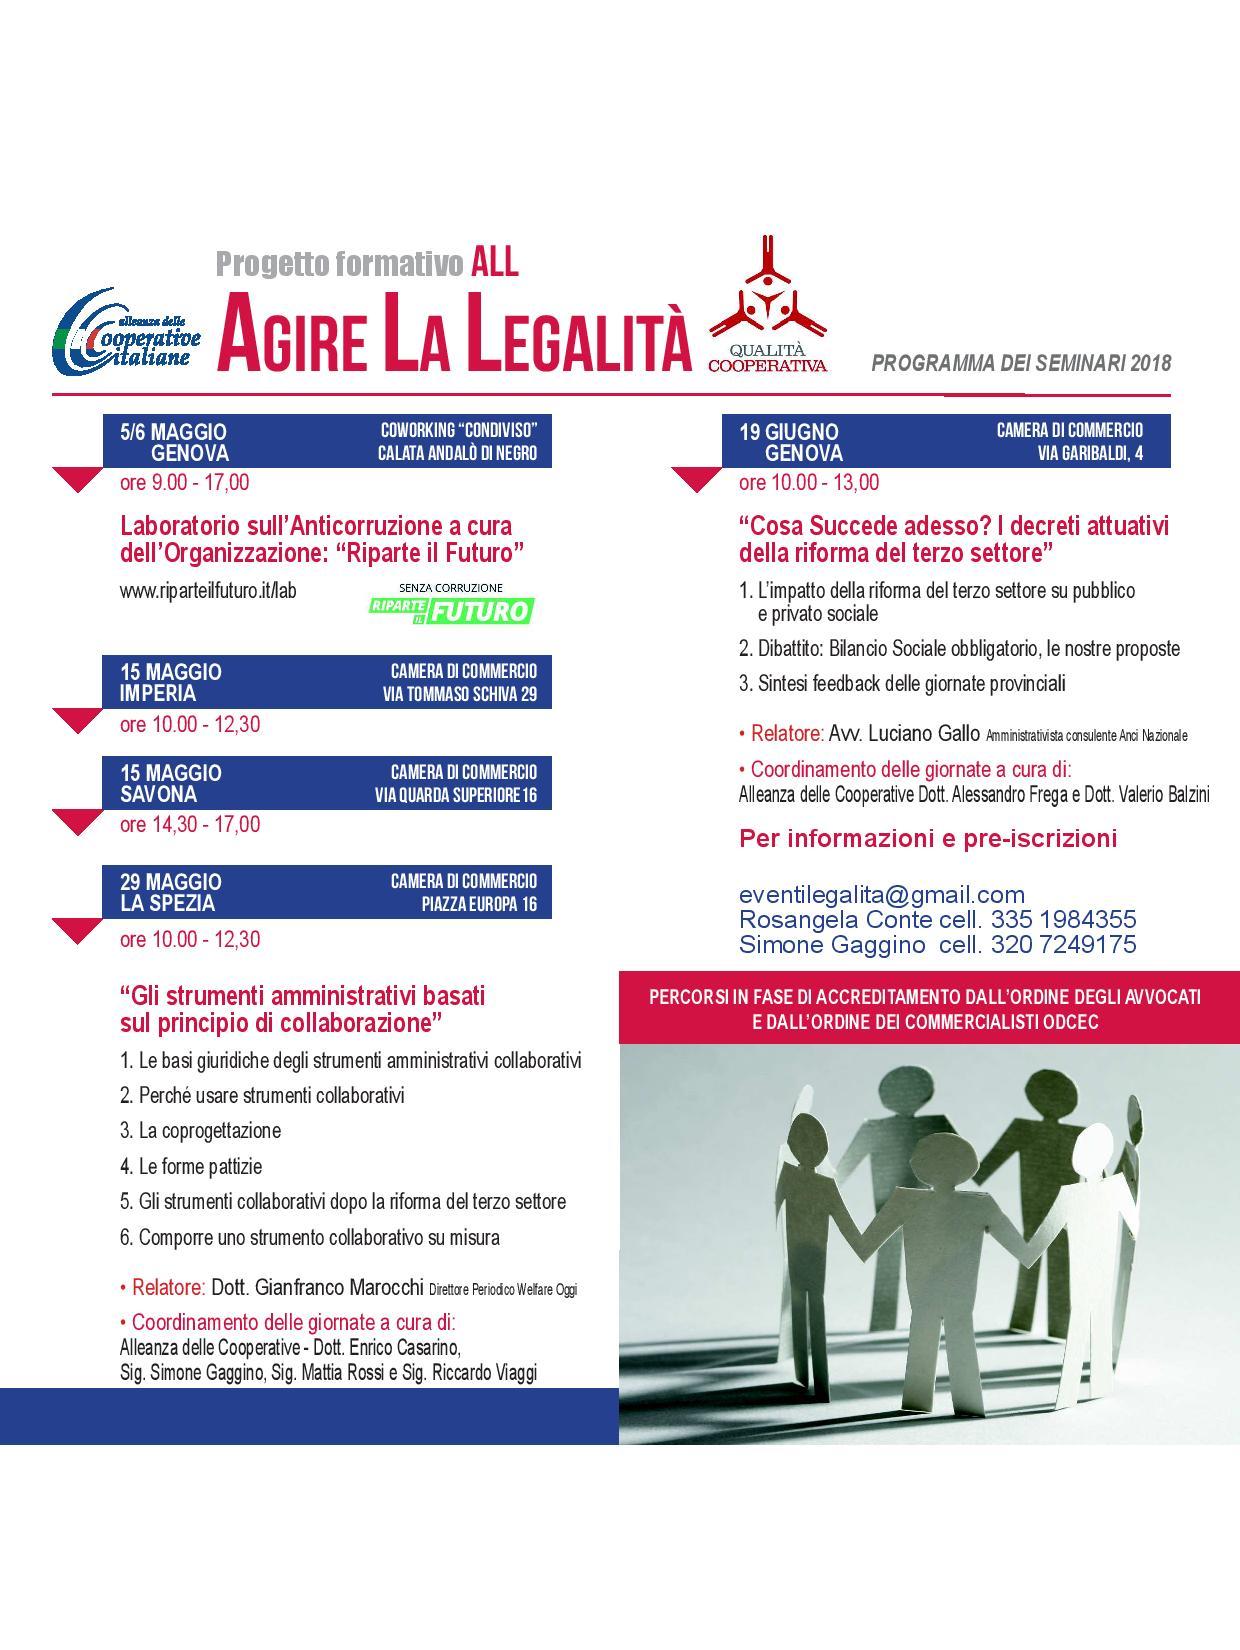 programma agire la legalità